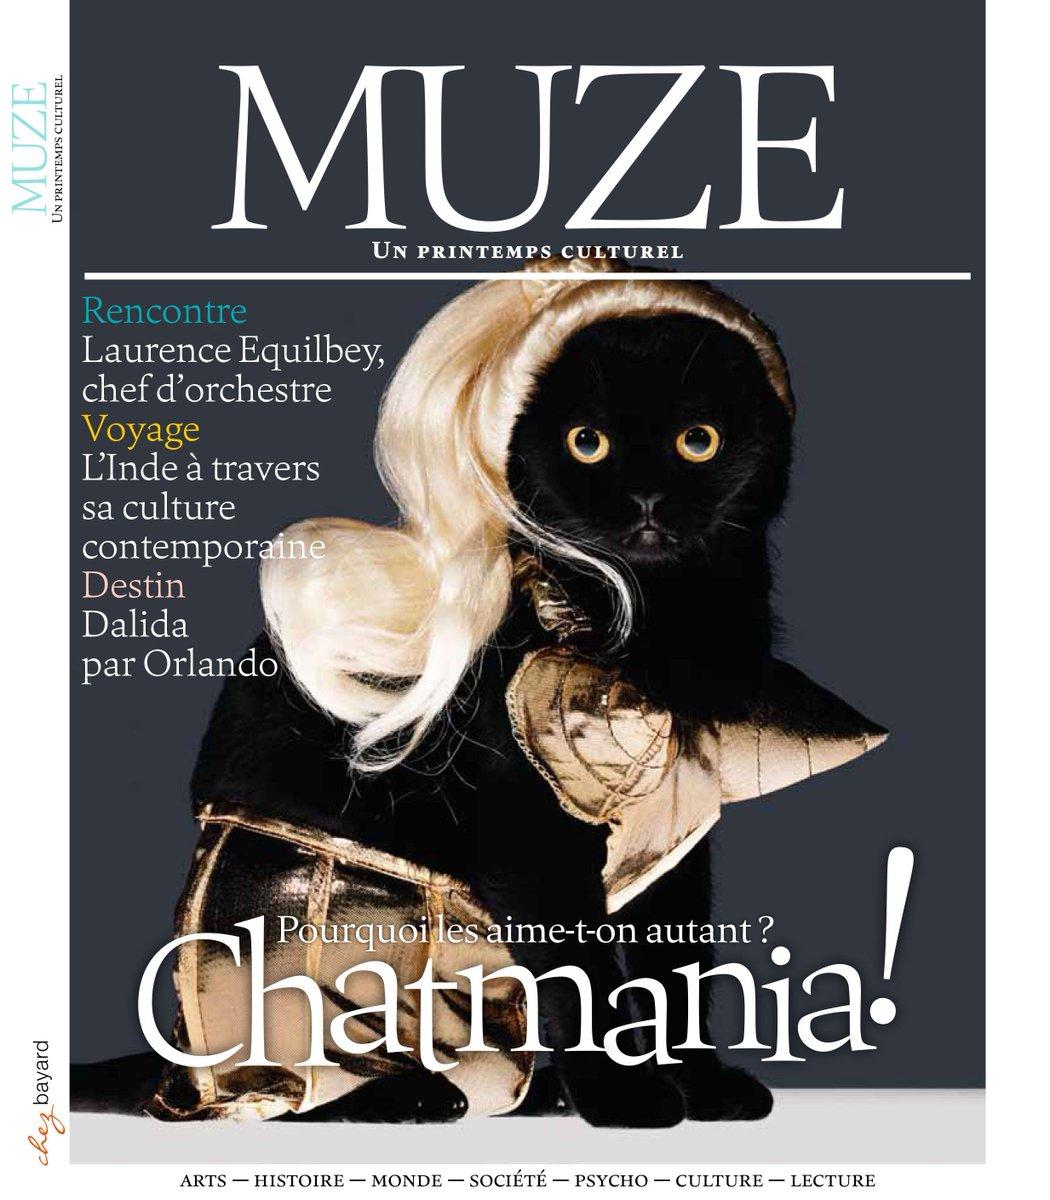 Ne ratez pas le dernier n° de @MuzeMagazine &gt; #Chatmania, #LaurenceEquilbey, @AnneNivat, #jardins, #Inde, #Dalida :  http:// bit.ly/2lZnvgp  &nbsp;  <br>http://pic.twitter.com/ndj1yCAjJ6